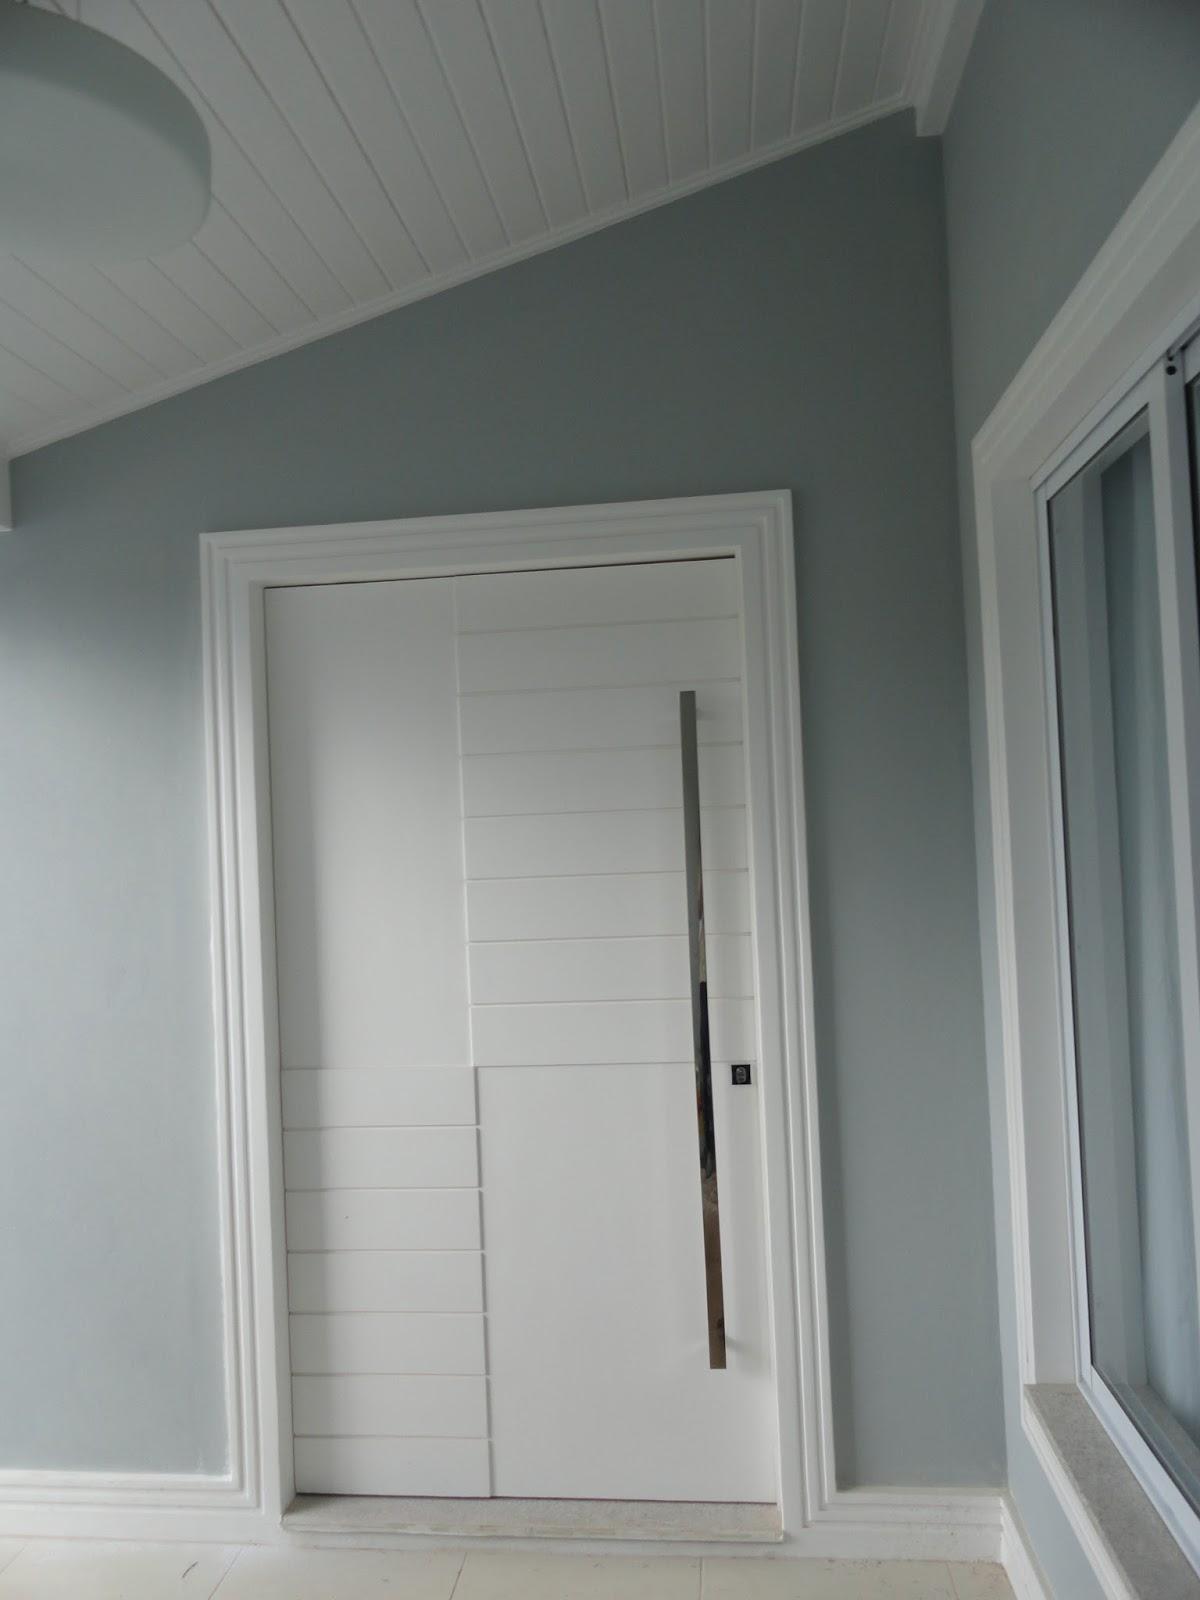 #60686B WW Móveis e Esquadrias: Portas e janelas 1140 Portas E Janelas De Aluminio Sob Medidas